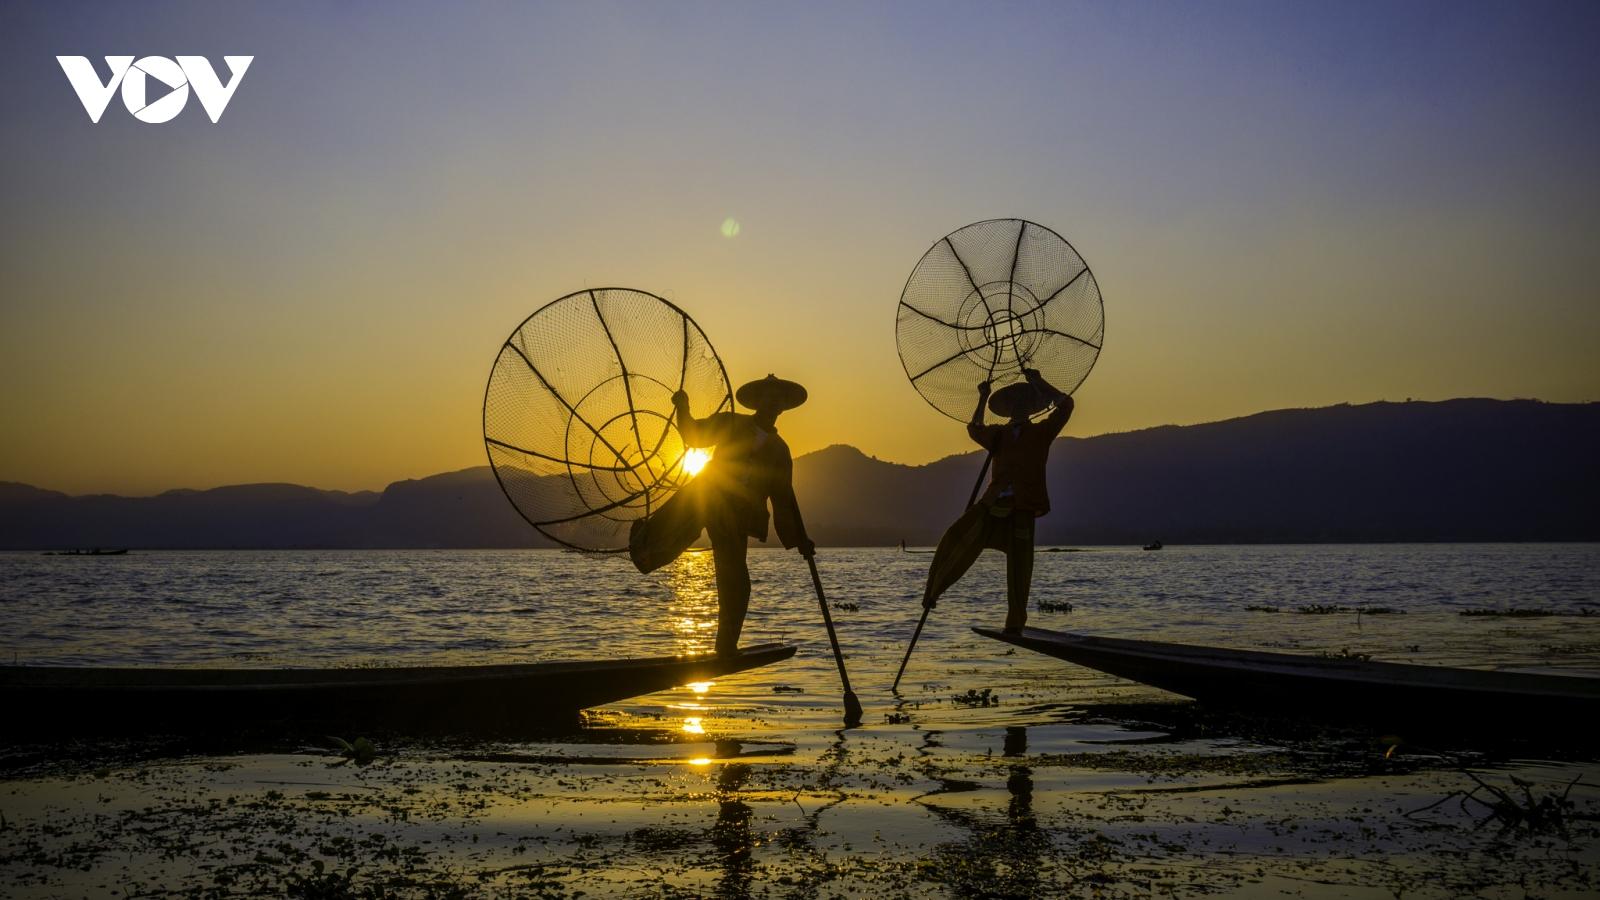 Ngắm nhìn những vũ công trên hồ Inle - Myanmar